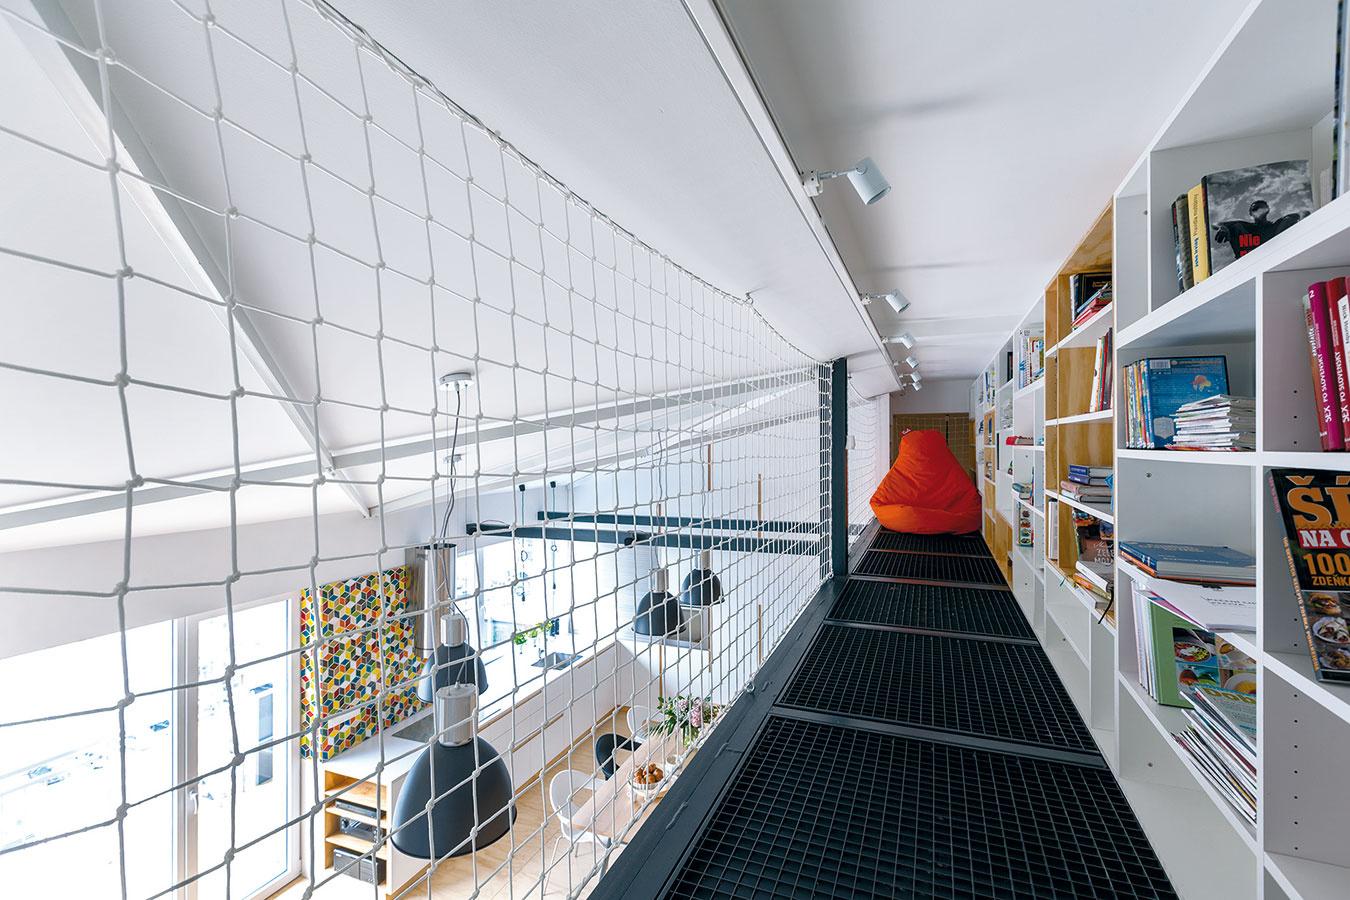 Galéria sknižnicou je akýmsi hniezdom na čítanie arelax. Podlahu tvorí pochôdzny rošt, funkciu zábradlia prevzala sieť. Oto viac je tento priestor vzdušnejší, presvetlenejší aopticky prepojený so zvyškom loftu.